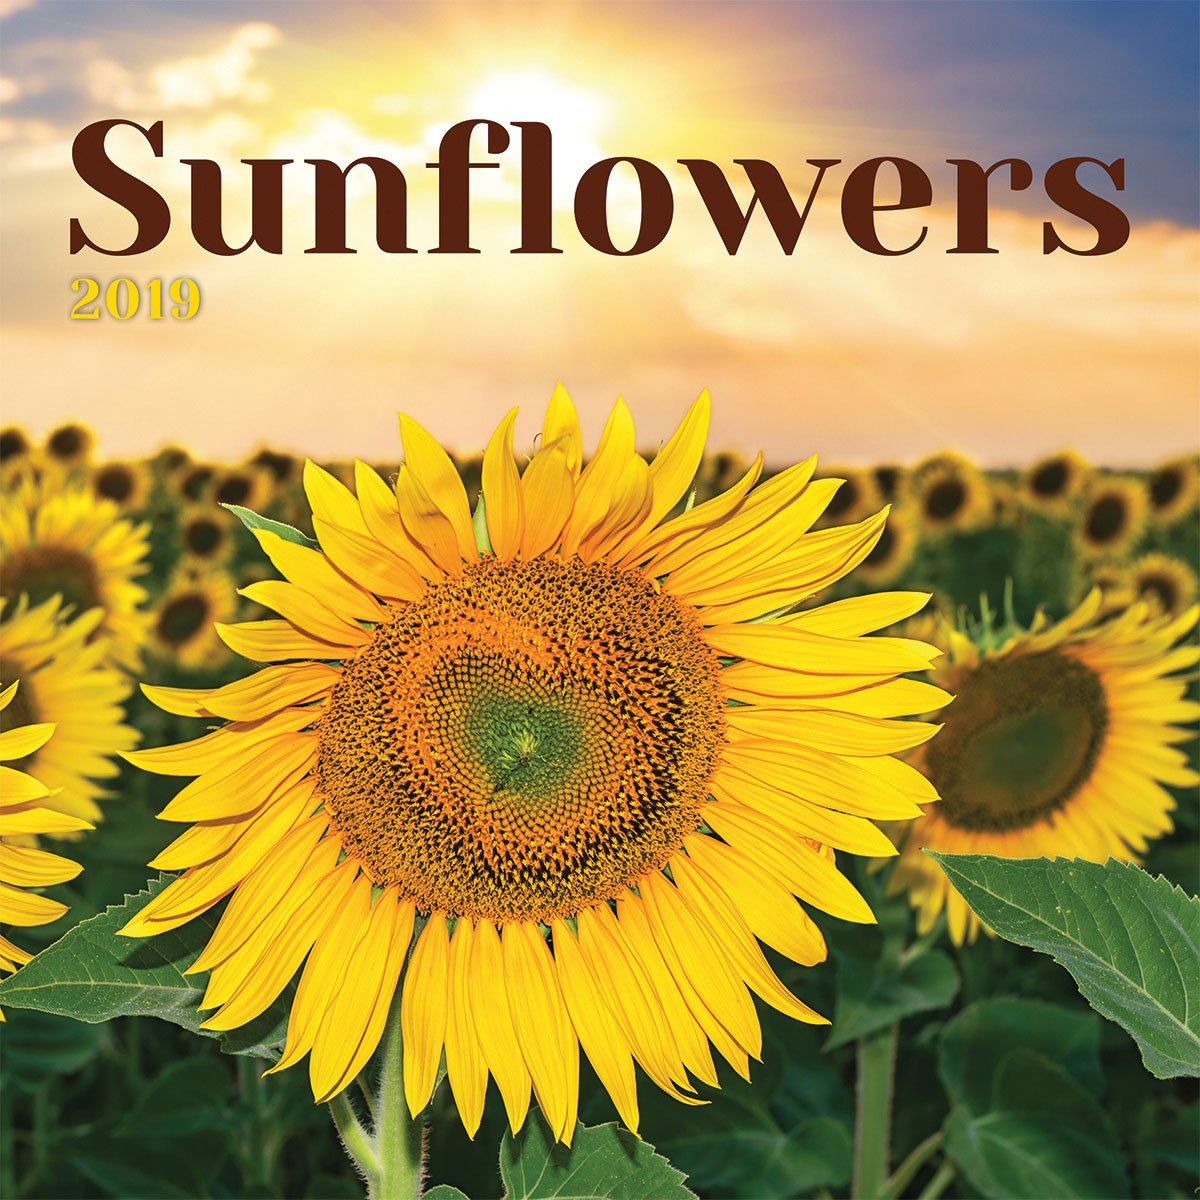 Turner Photo Sunflowers 2019 Wall Calendar (199989400540 Office Wall Calendar (19998940054)